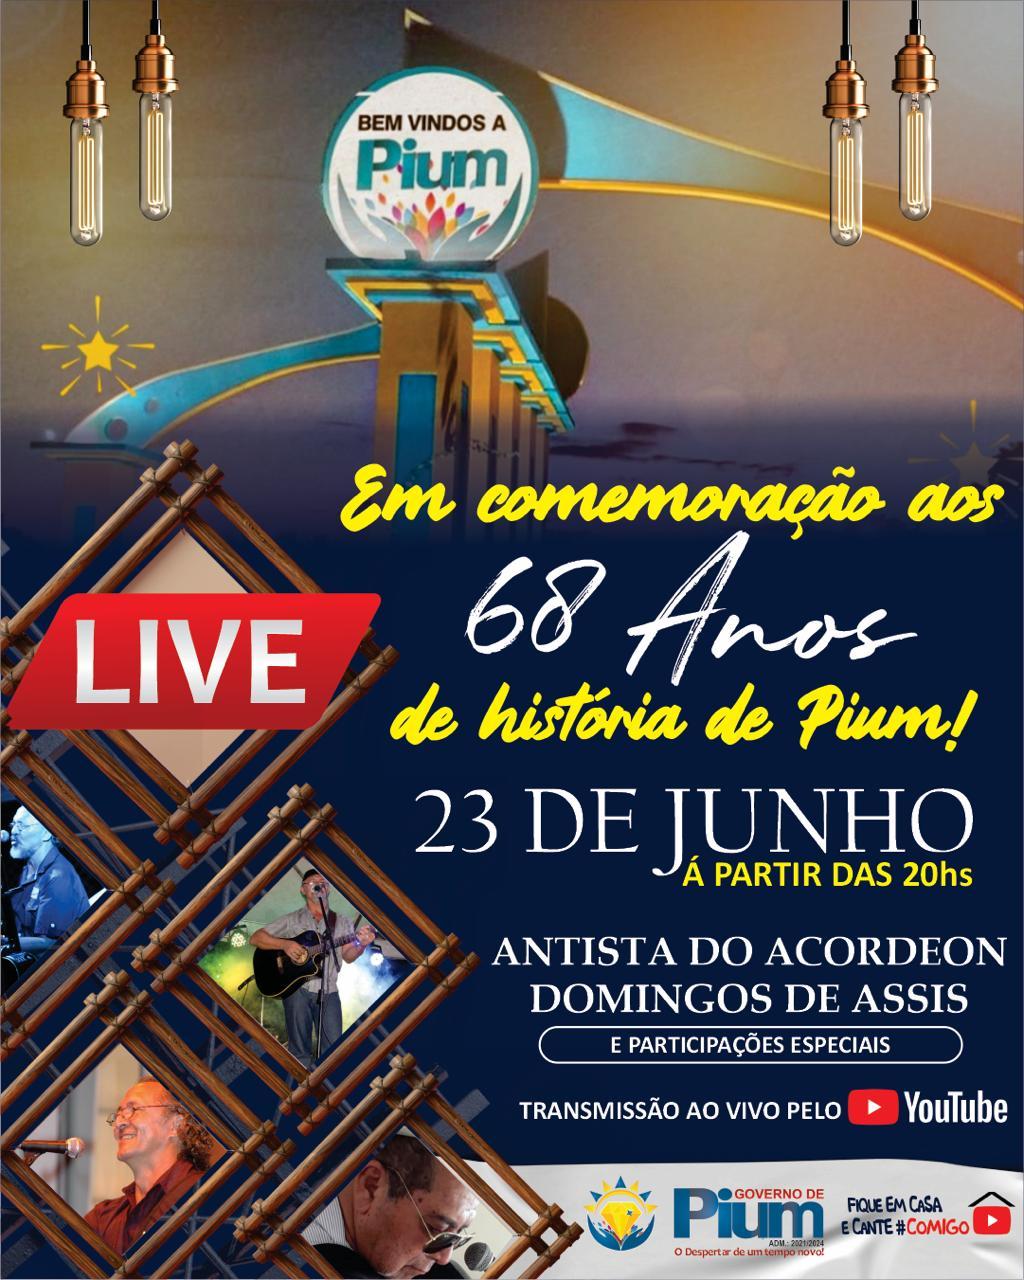 Prefeitura de Pium promove live em comemoração ao 68º aniversário do município